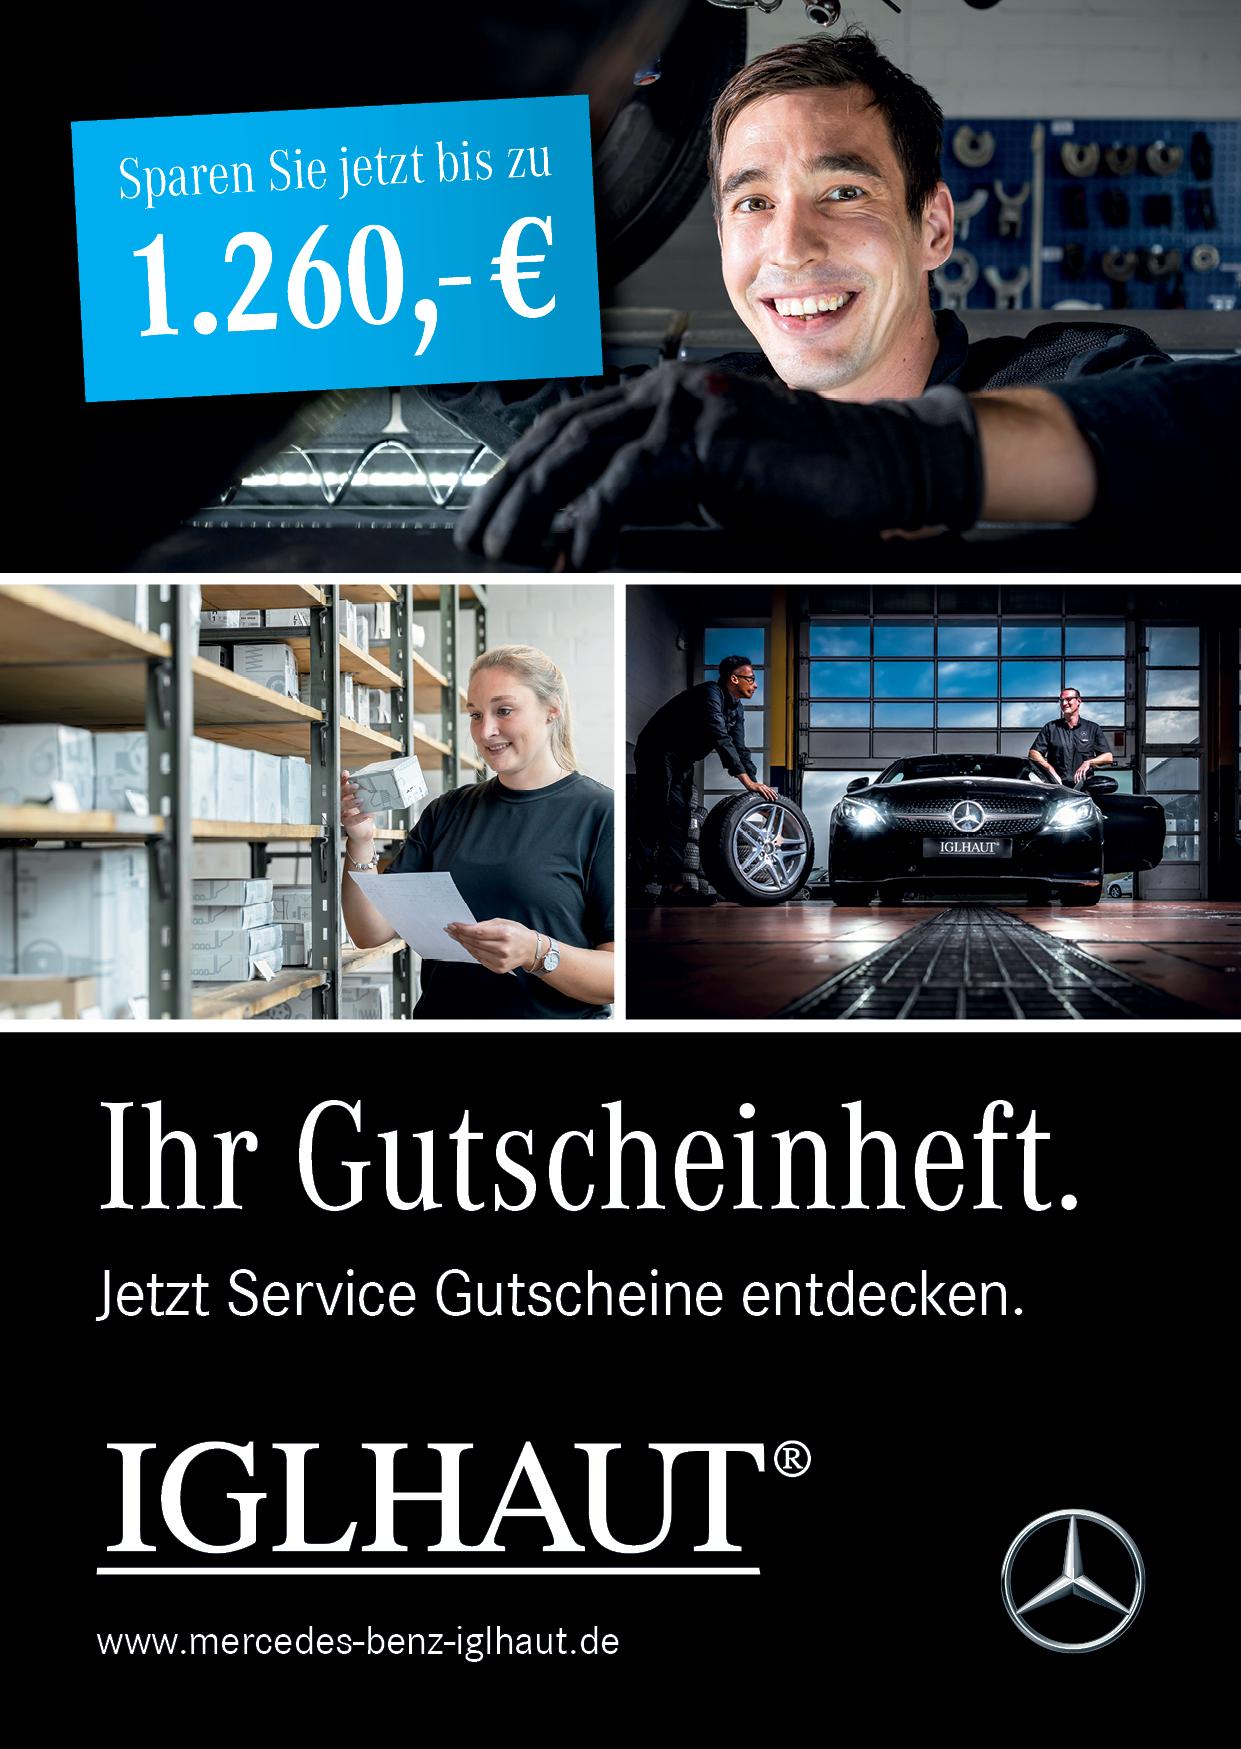 Gutscheinheft_Iglhaut